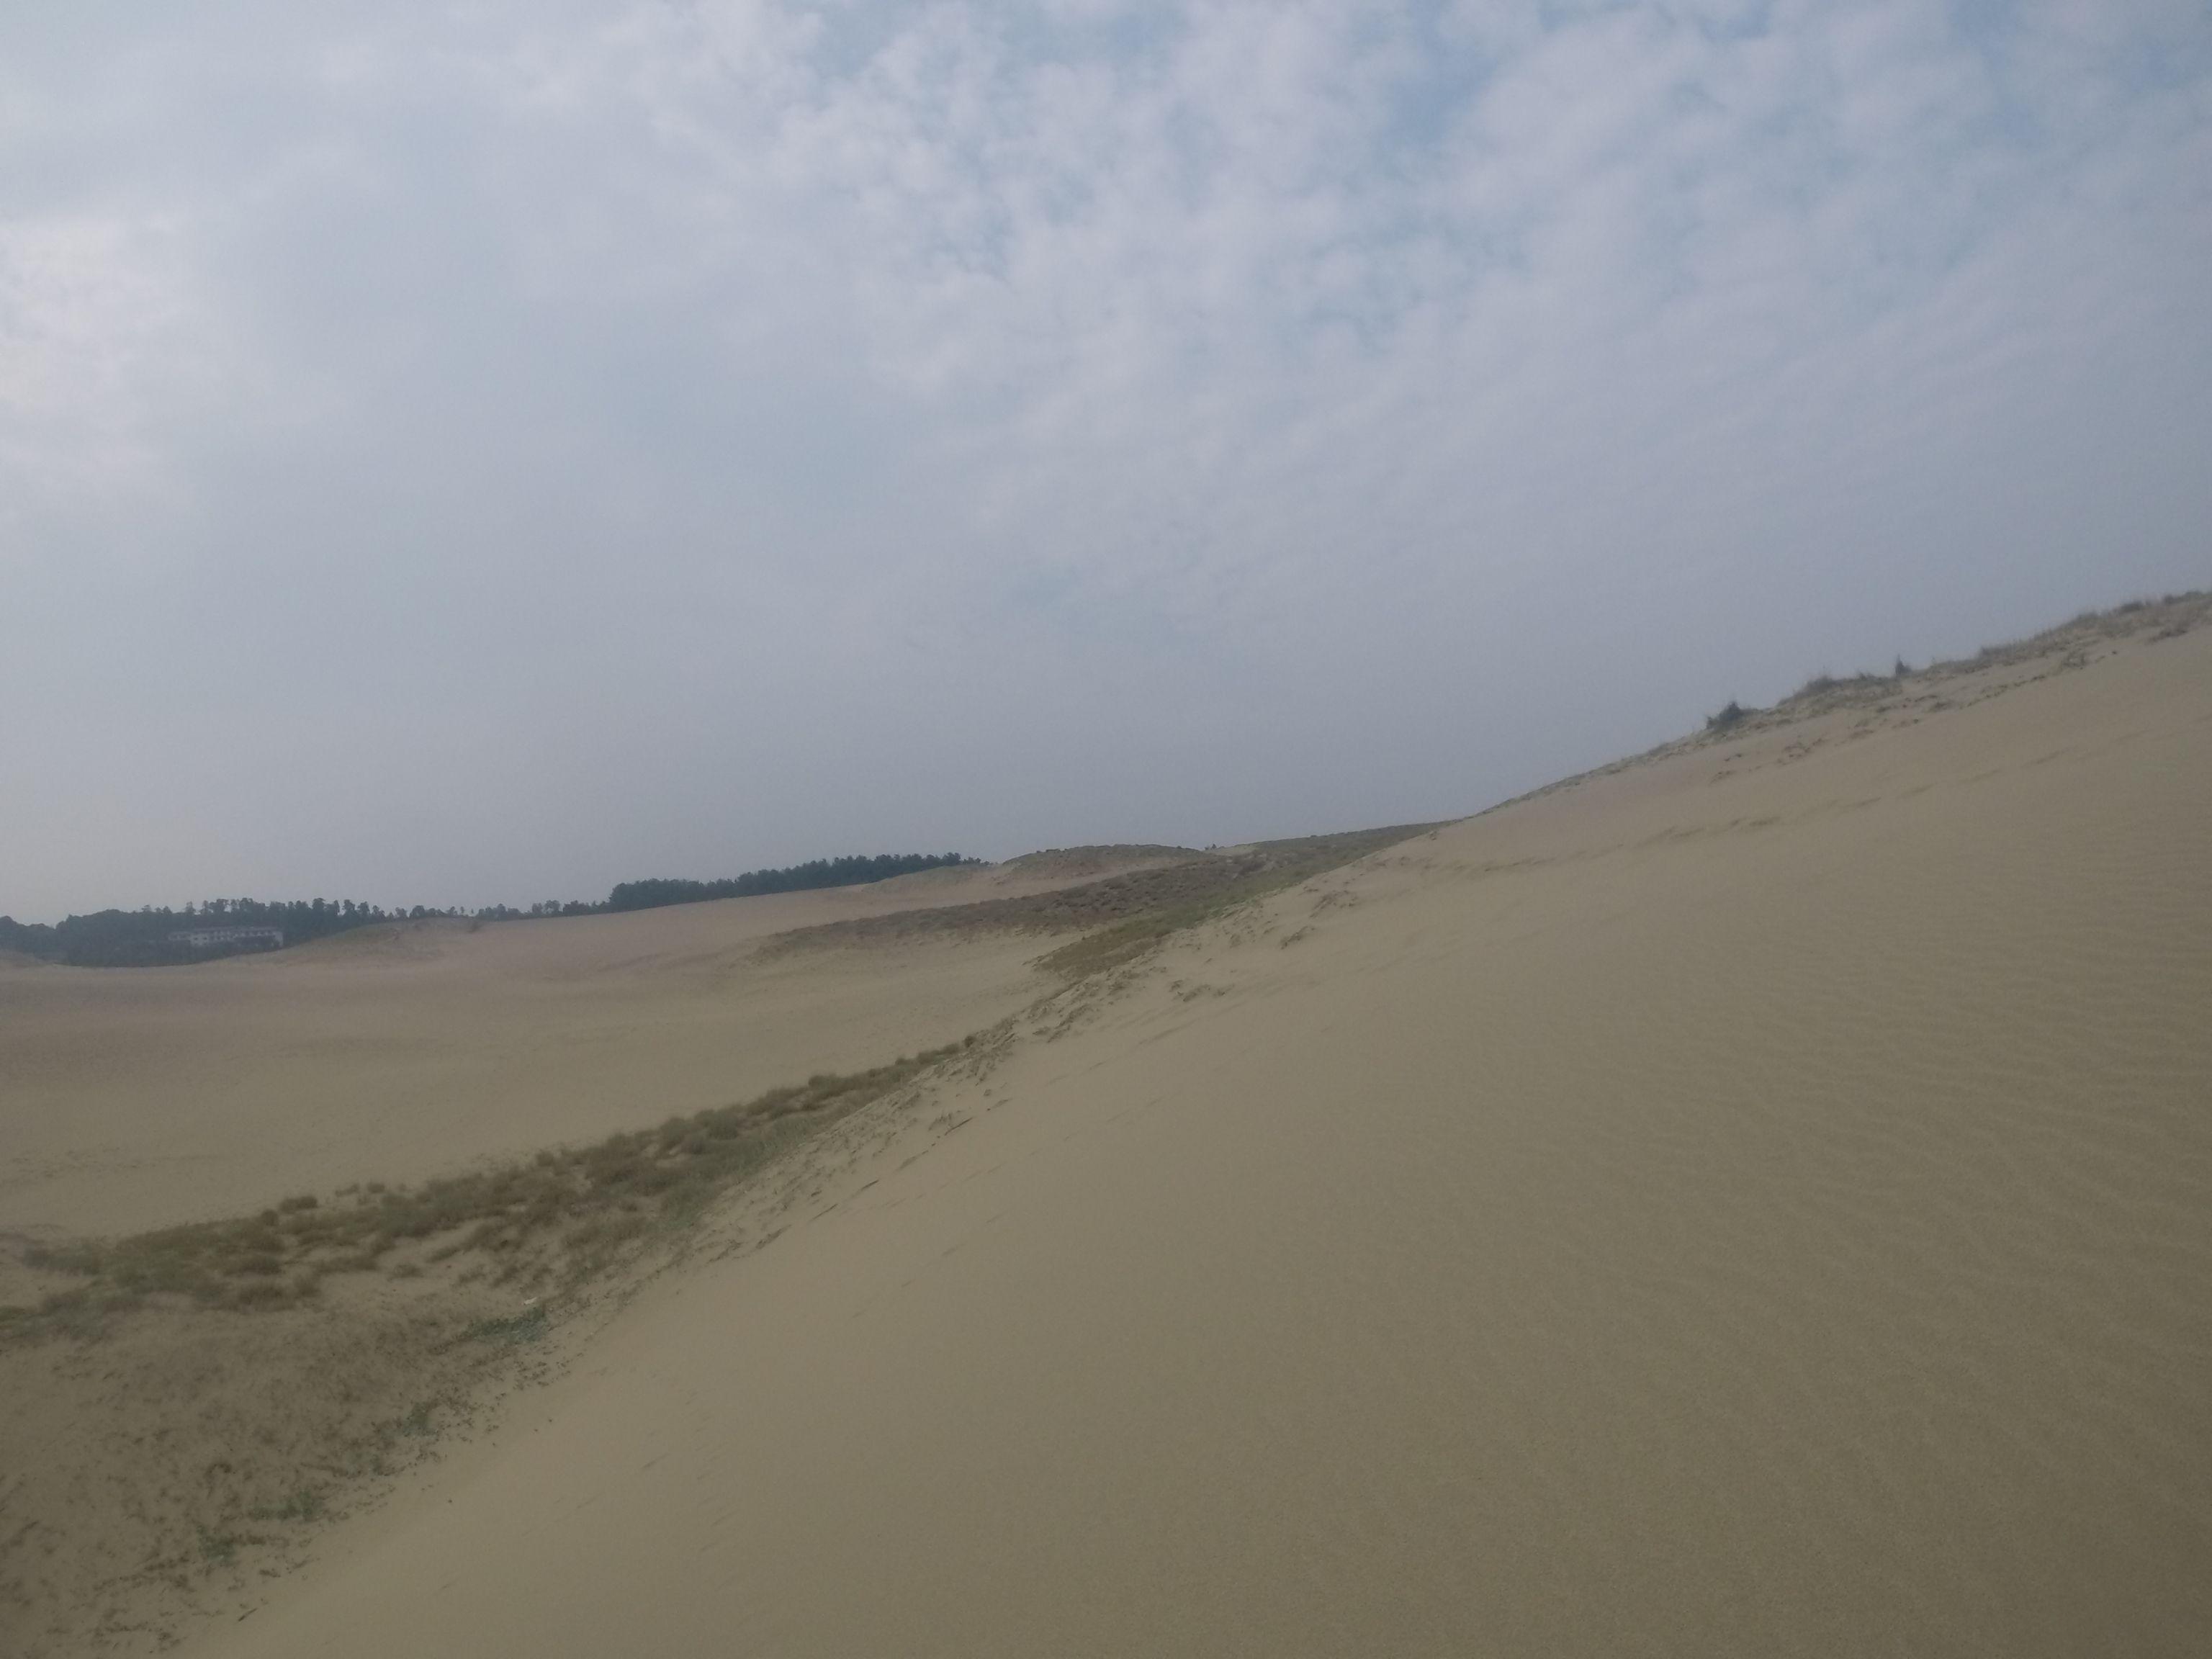 雲が多めで蒸し暑い鳥取砂丘